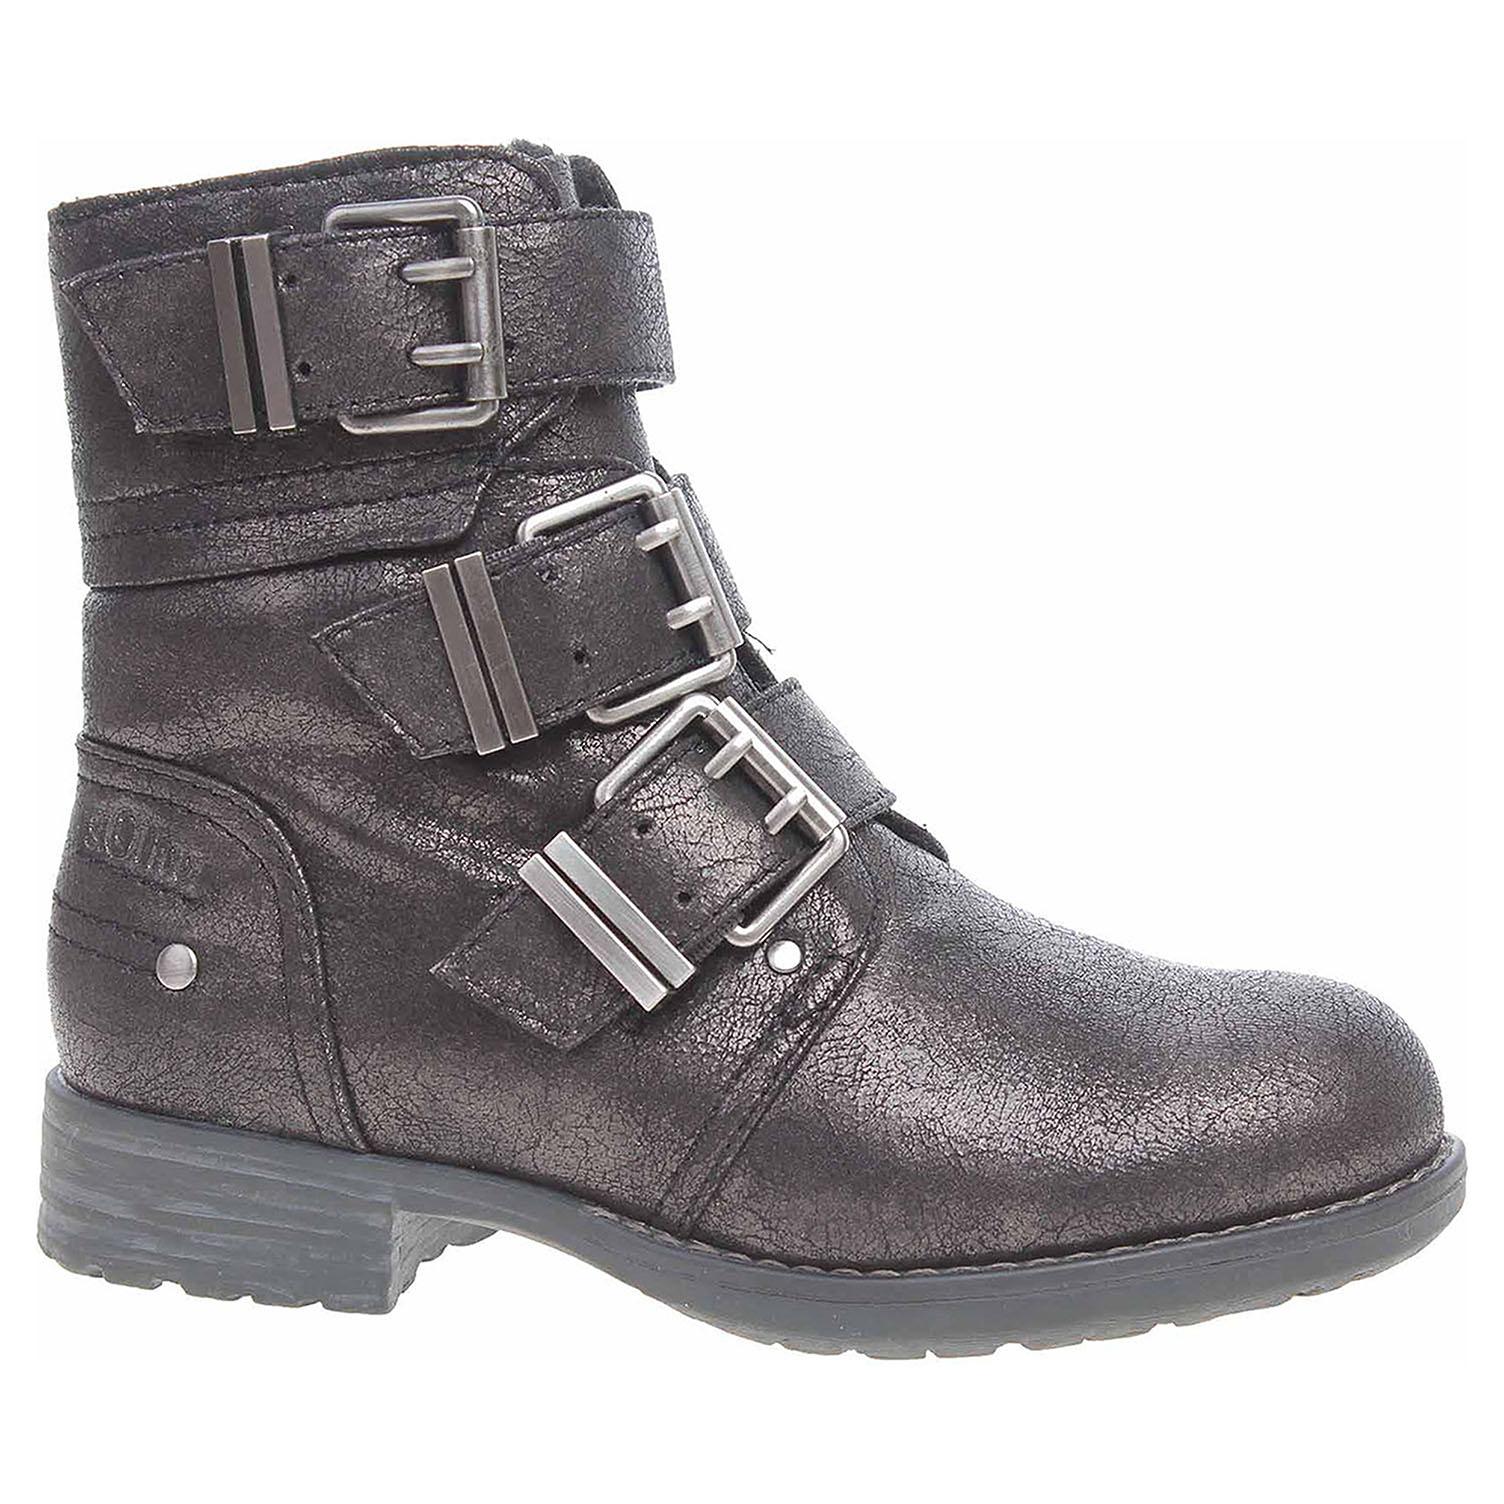 Dámská kotníková obuv s.Oliver 5-26460-39 šedé 5-5-26460-39 954 39